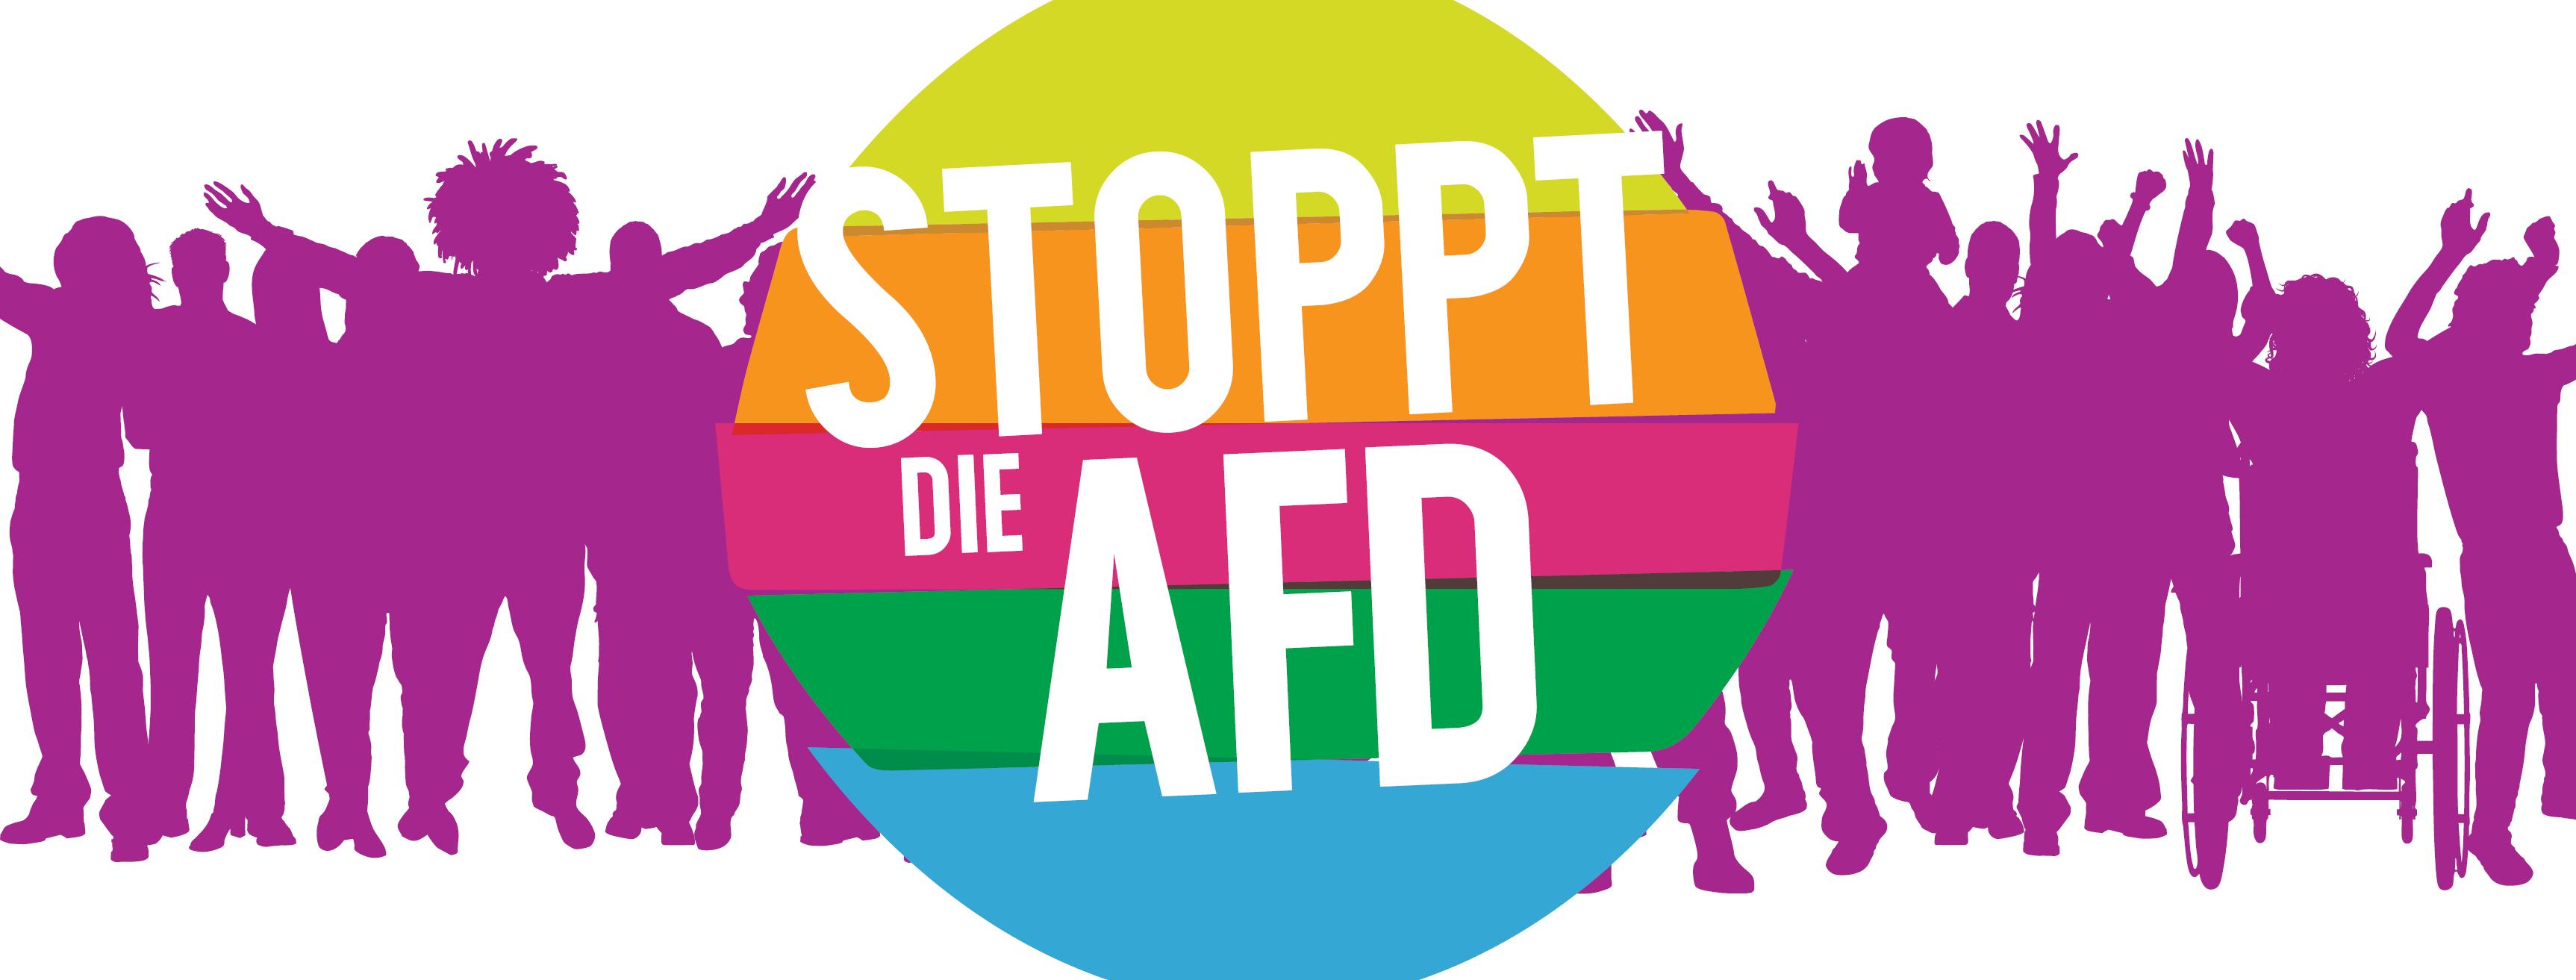 Aufruf zu den Protesten gegen den AfD Bundesparteitag in Hannover am 2. Dezember